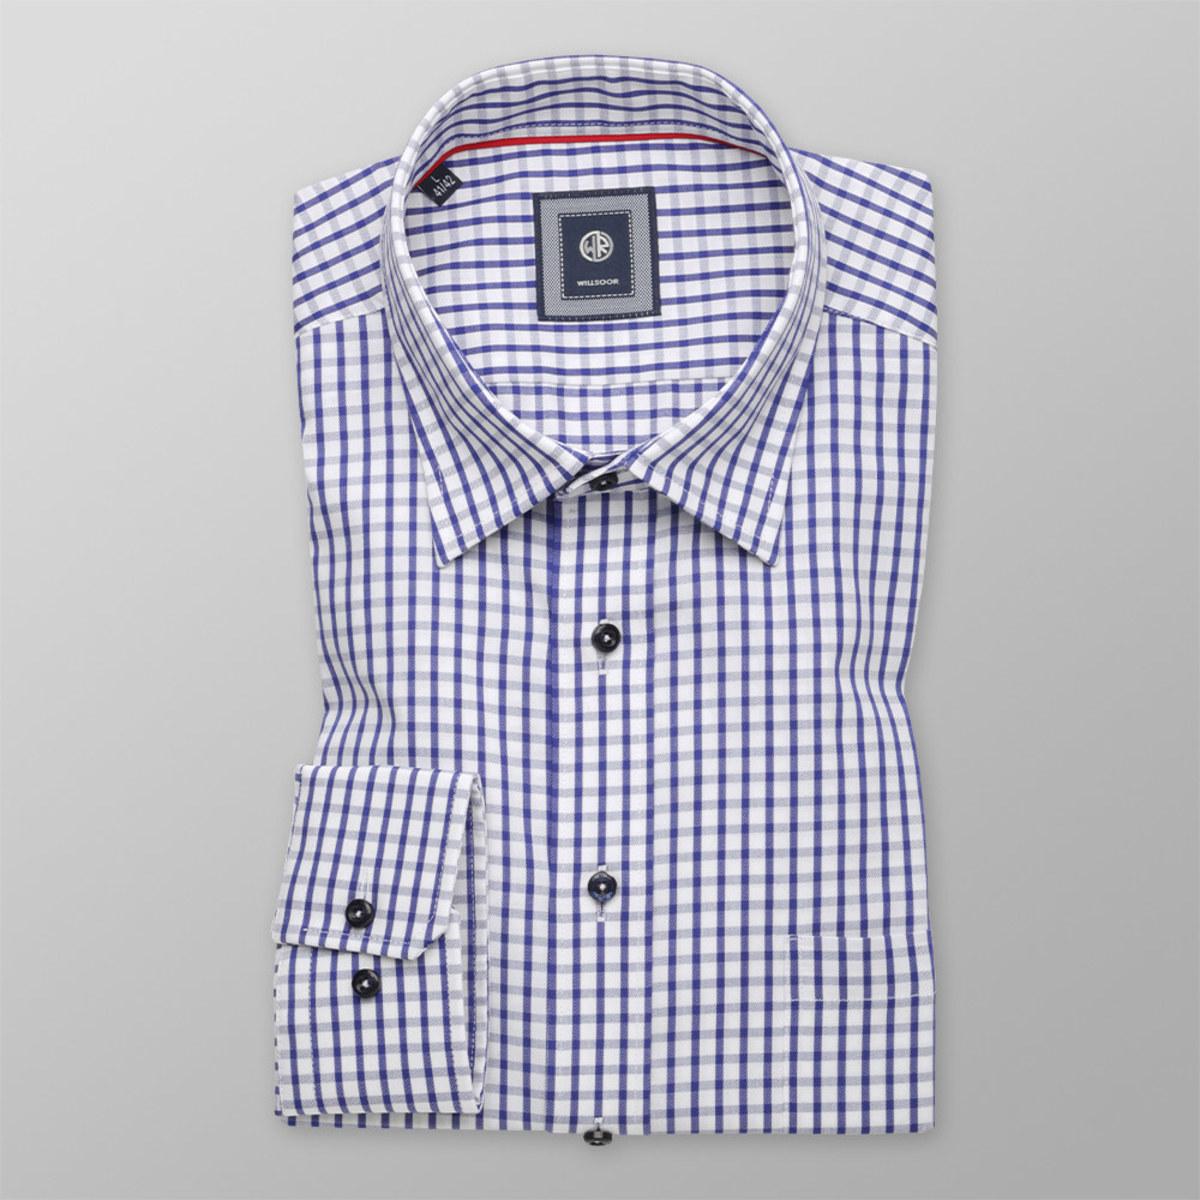 Košeľa Slim Fit kockovaný vzor (výška 176 - 182) 10294 176-182 / XL (43/44)